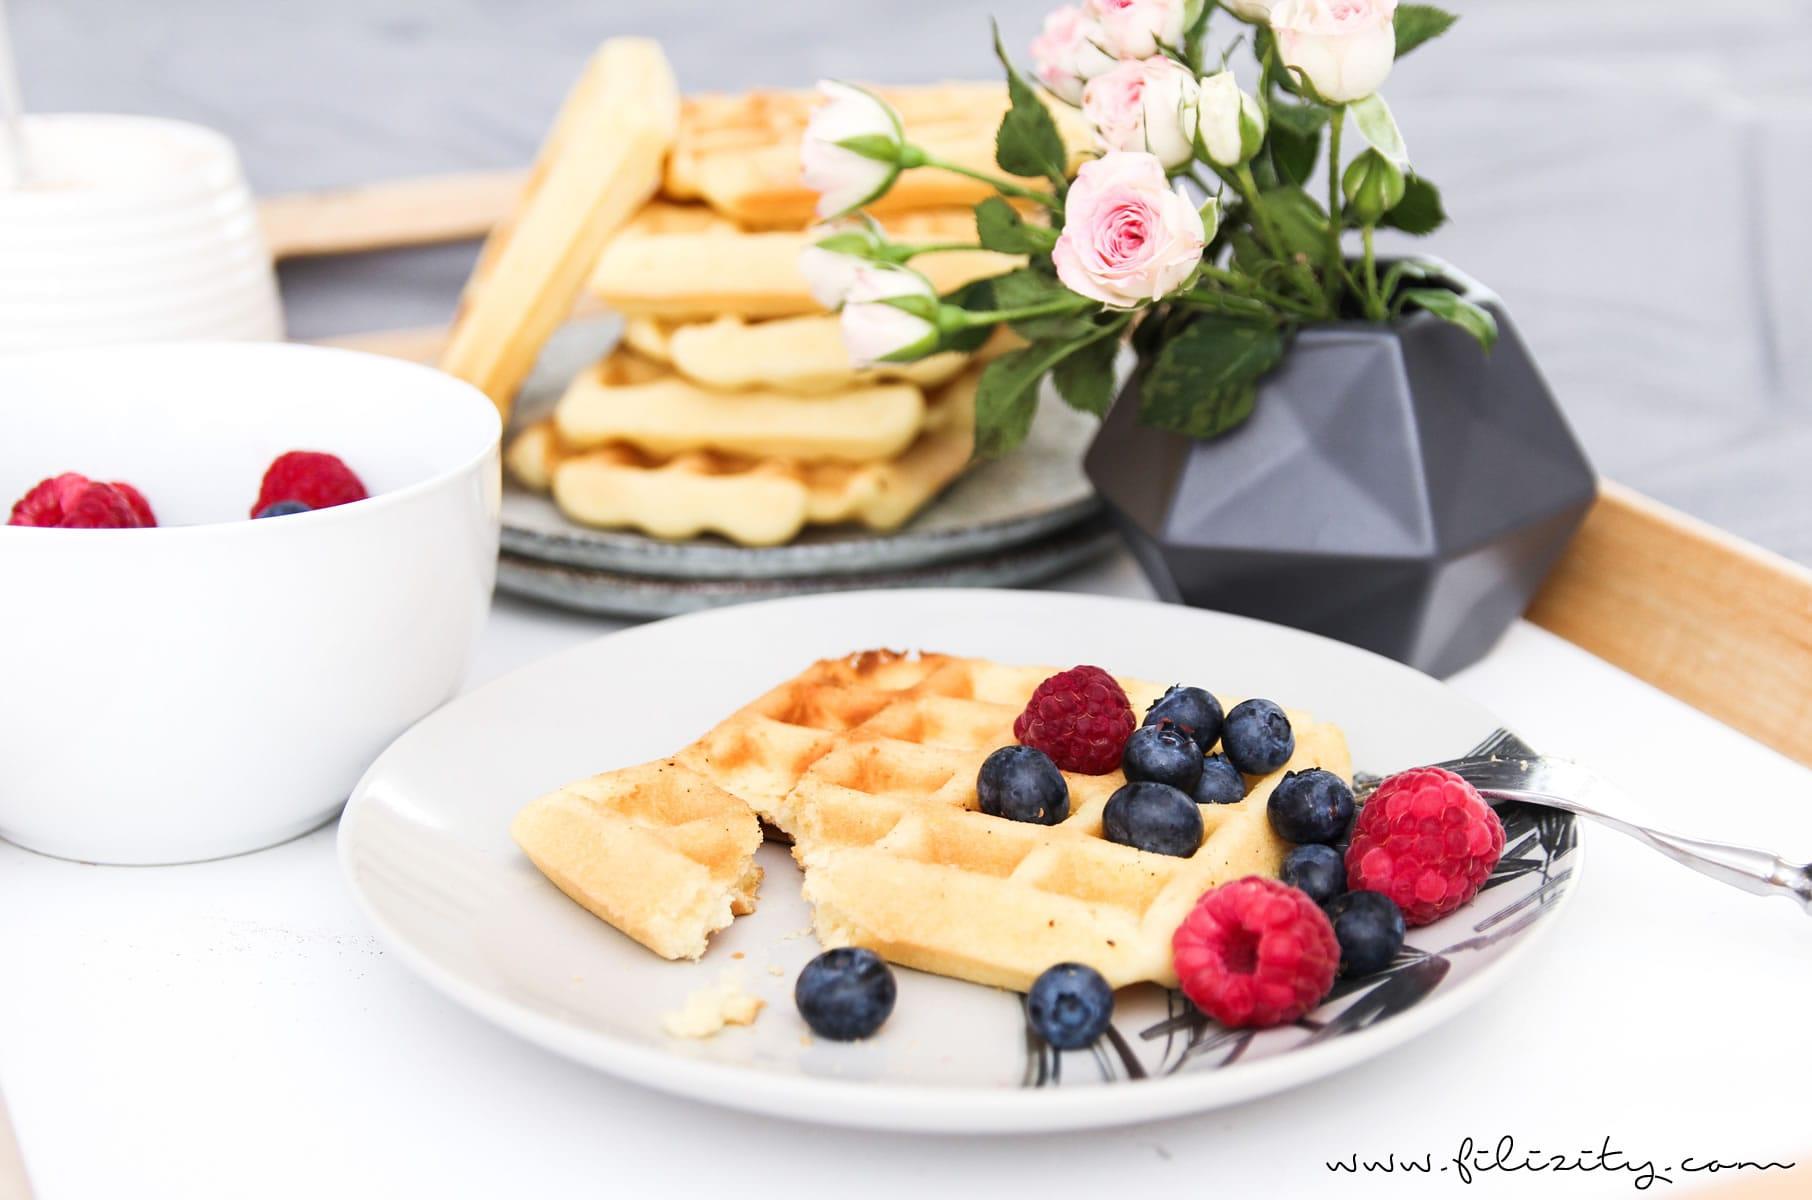 Grundrezept für fluffige knusprige Waffeln - perfekt zum Frühstück oder zum Kaffee